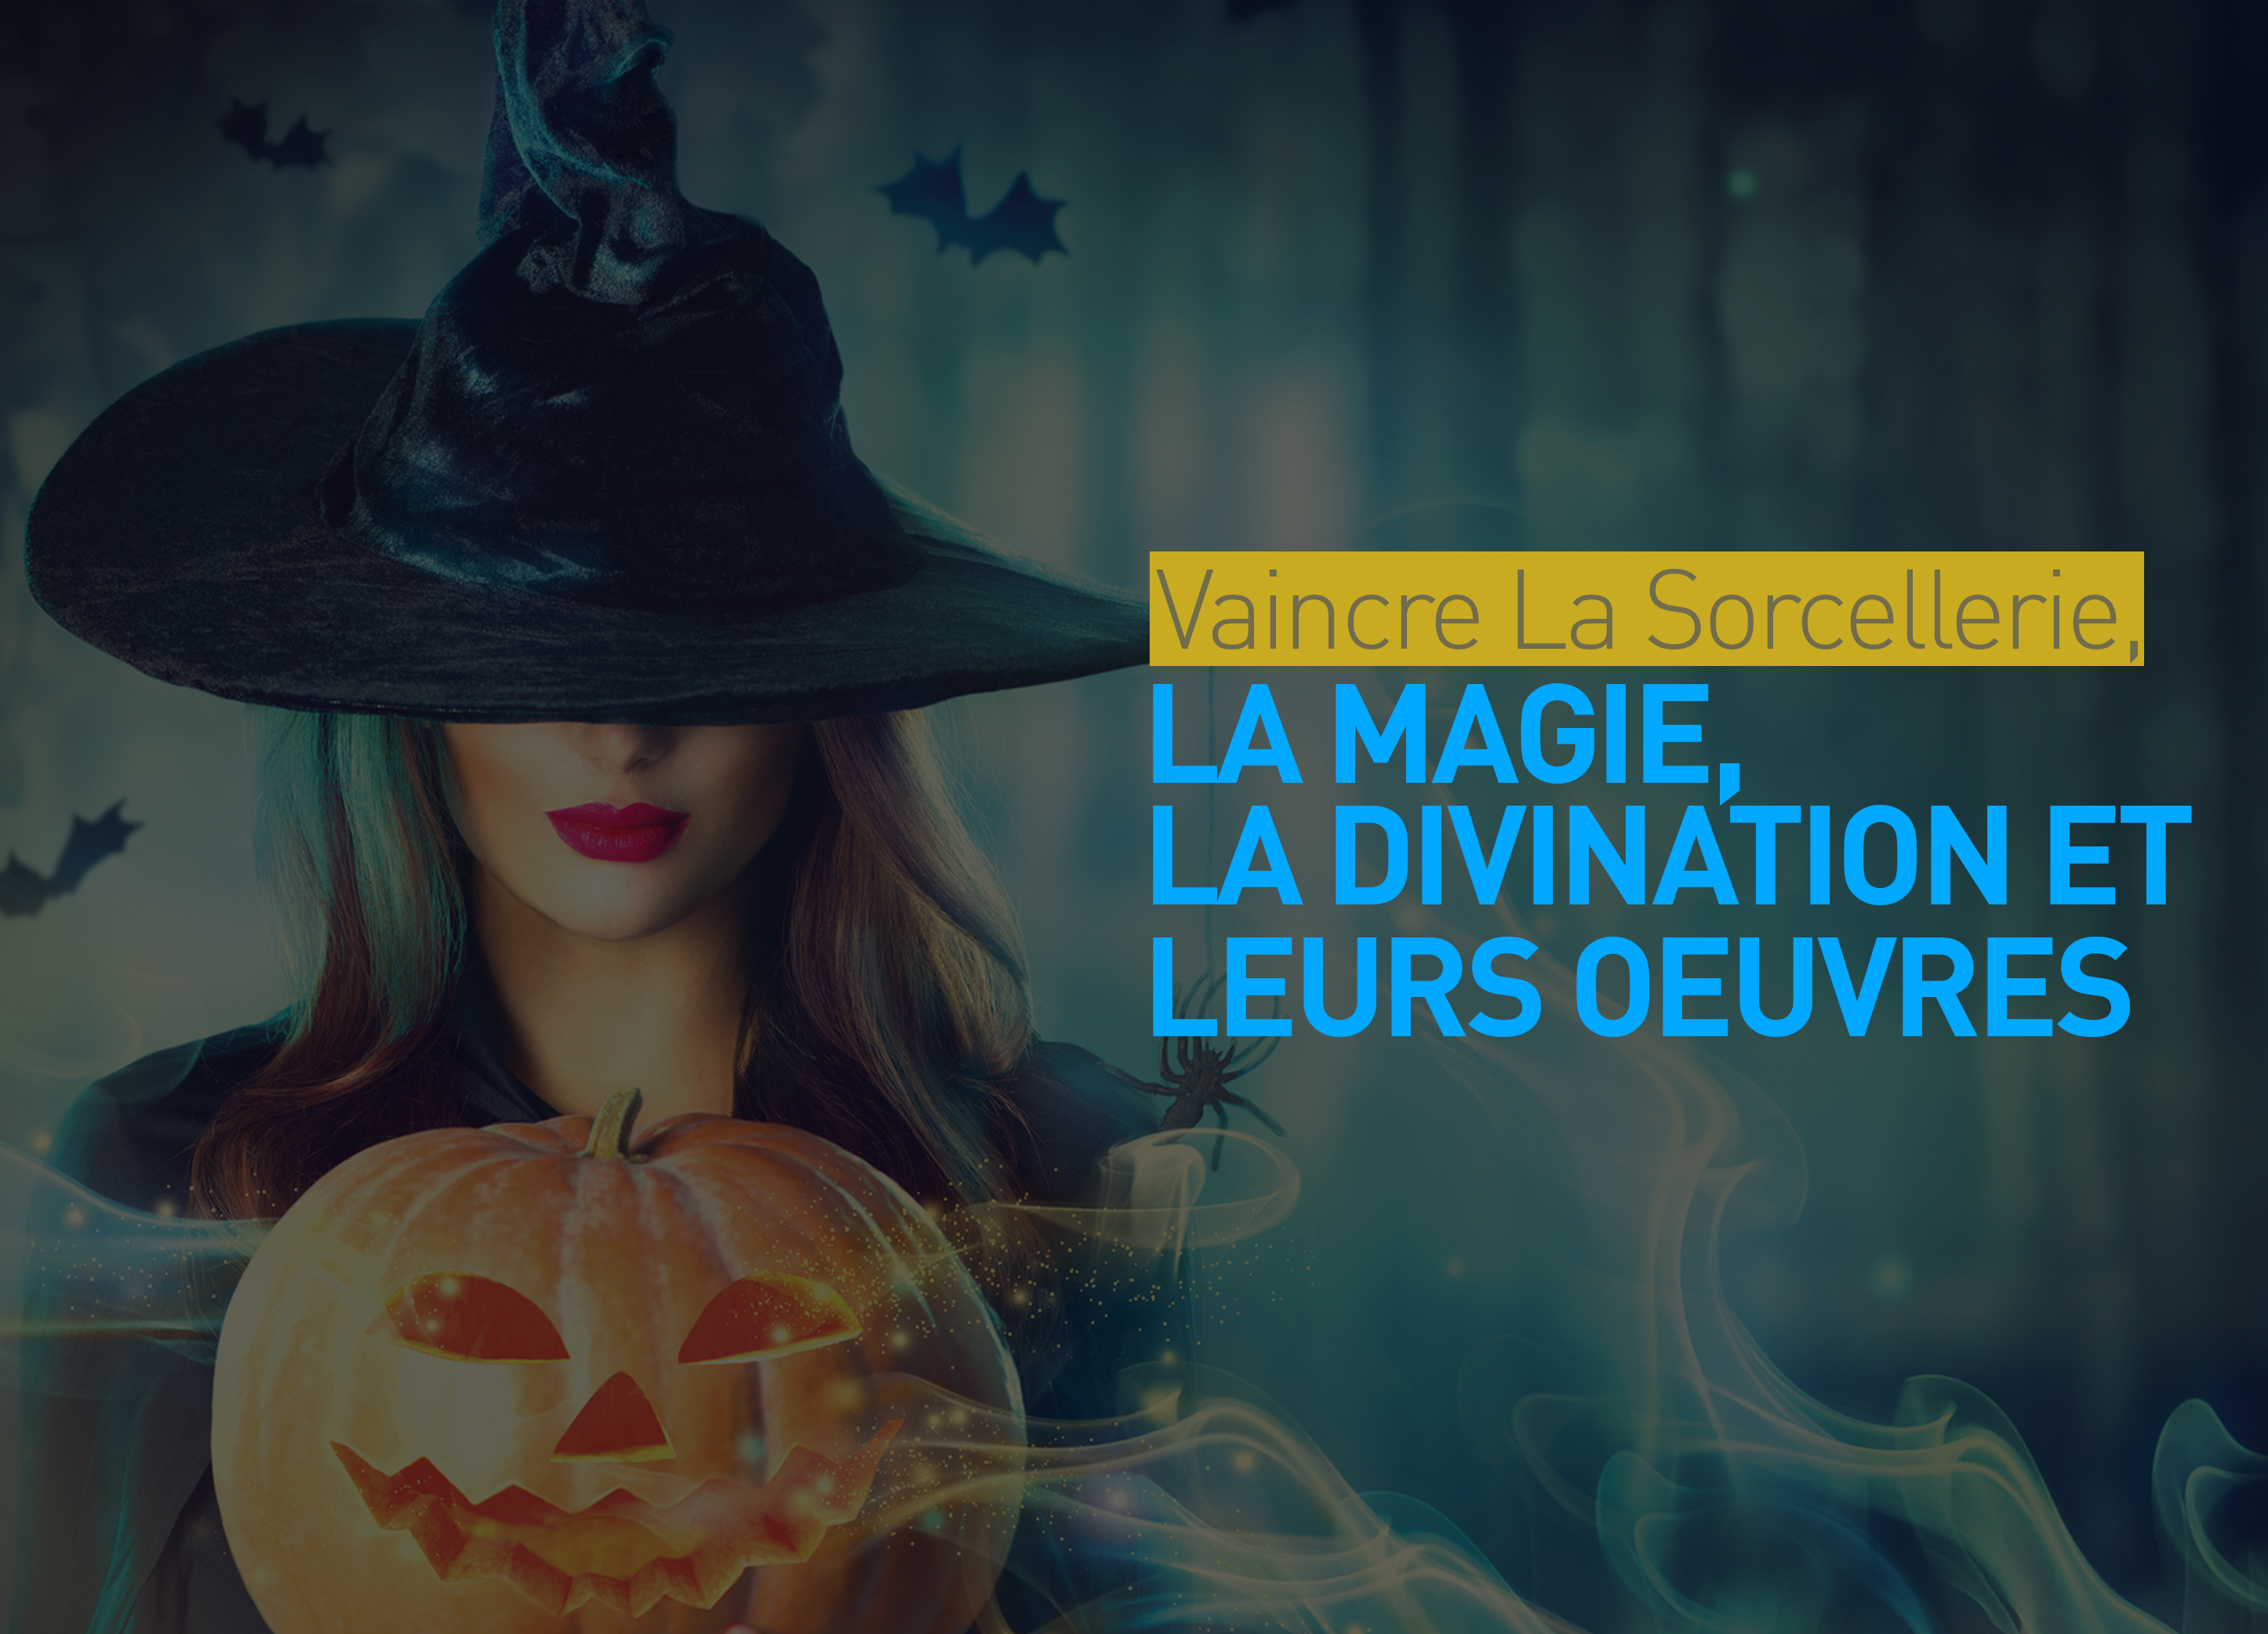 2- Vaincre la sorcellerie, la magie, la divination et leurs oeuvres